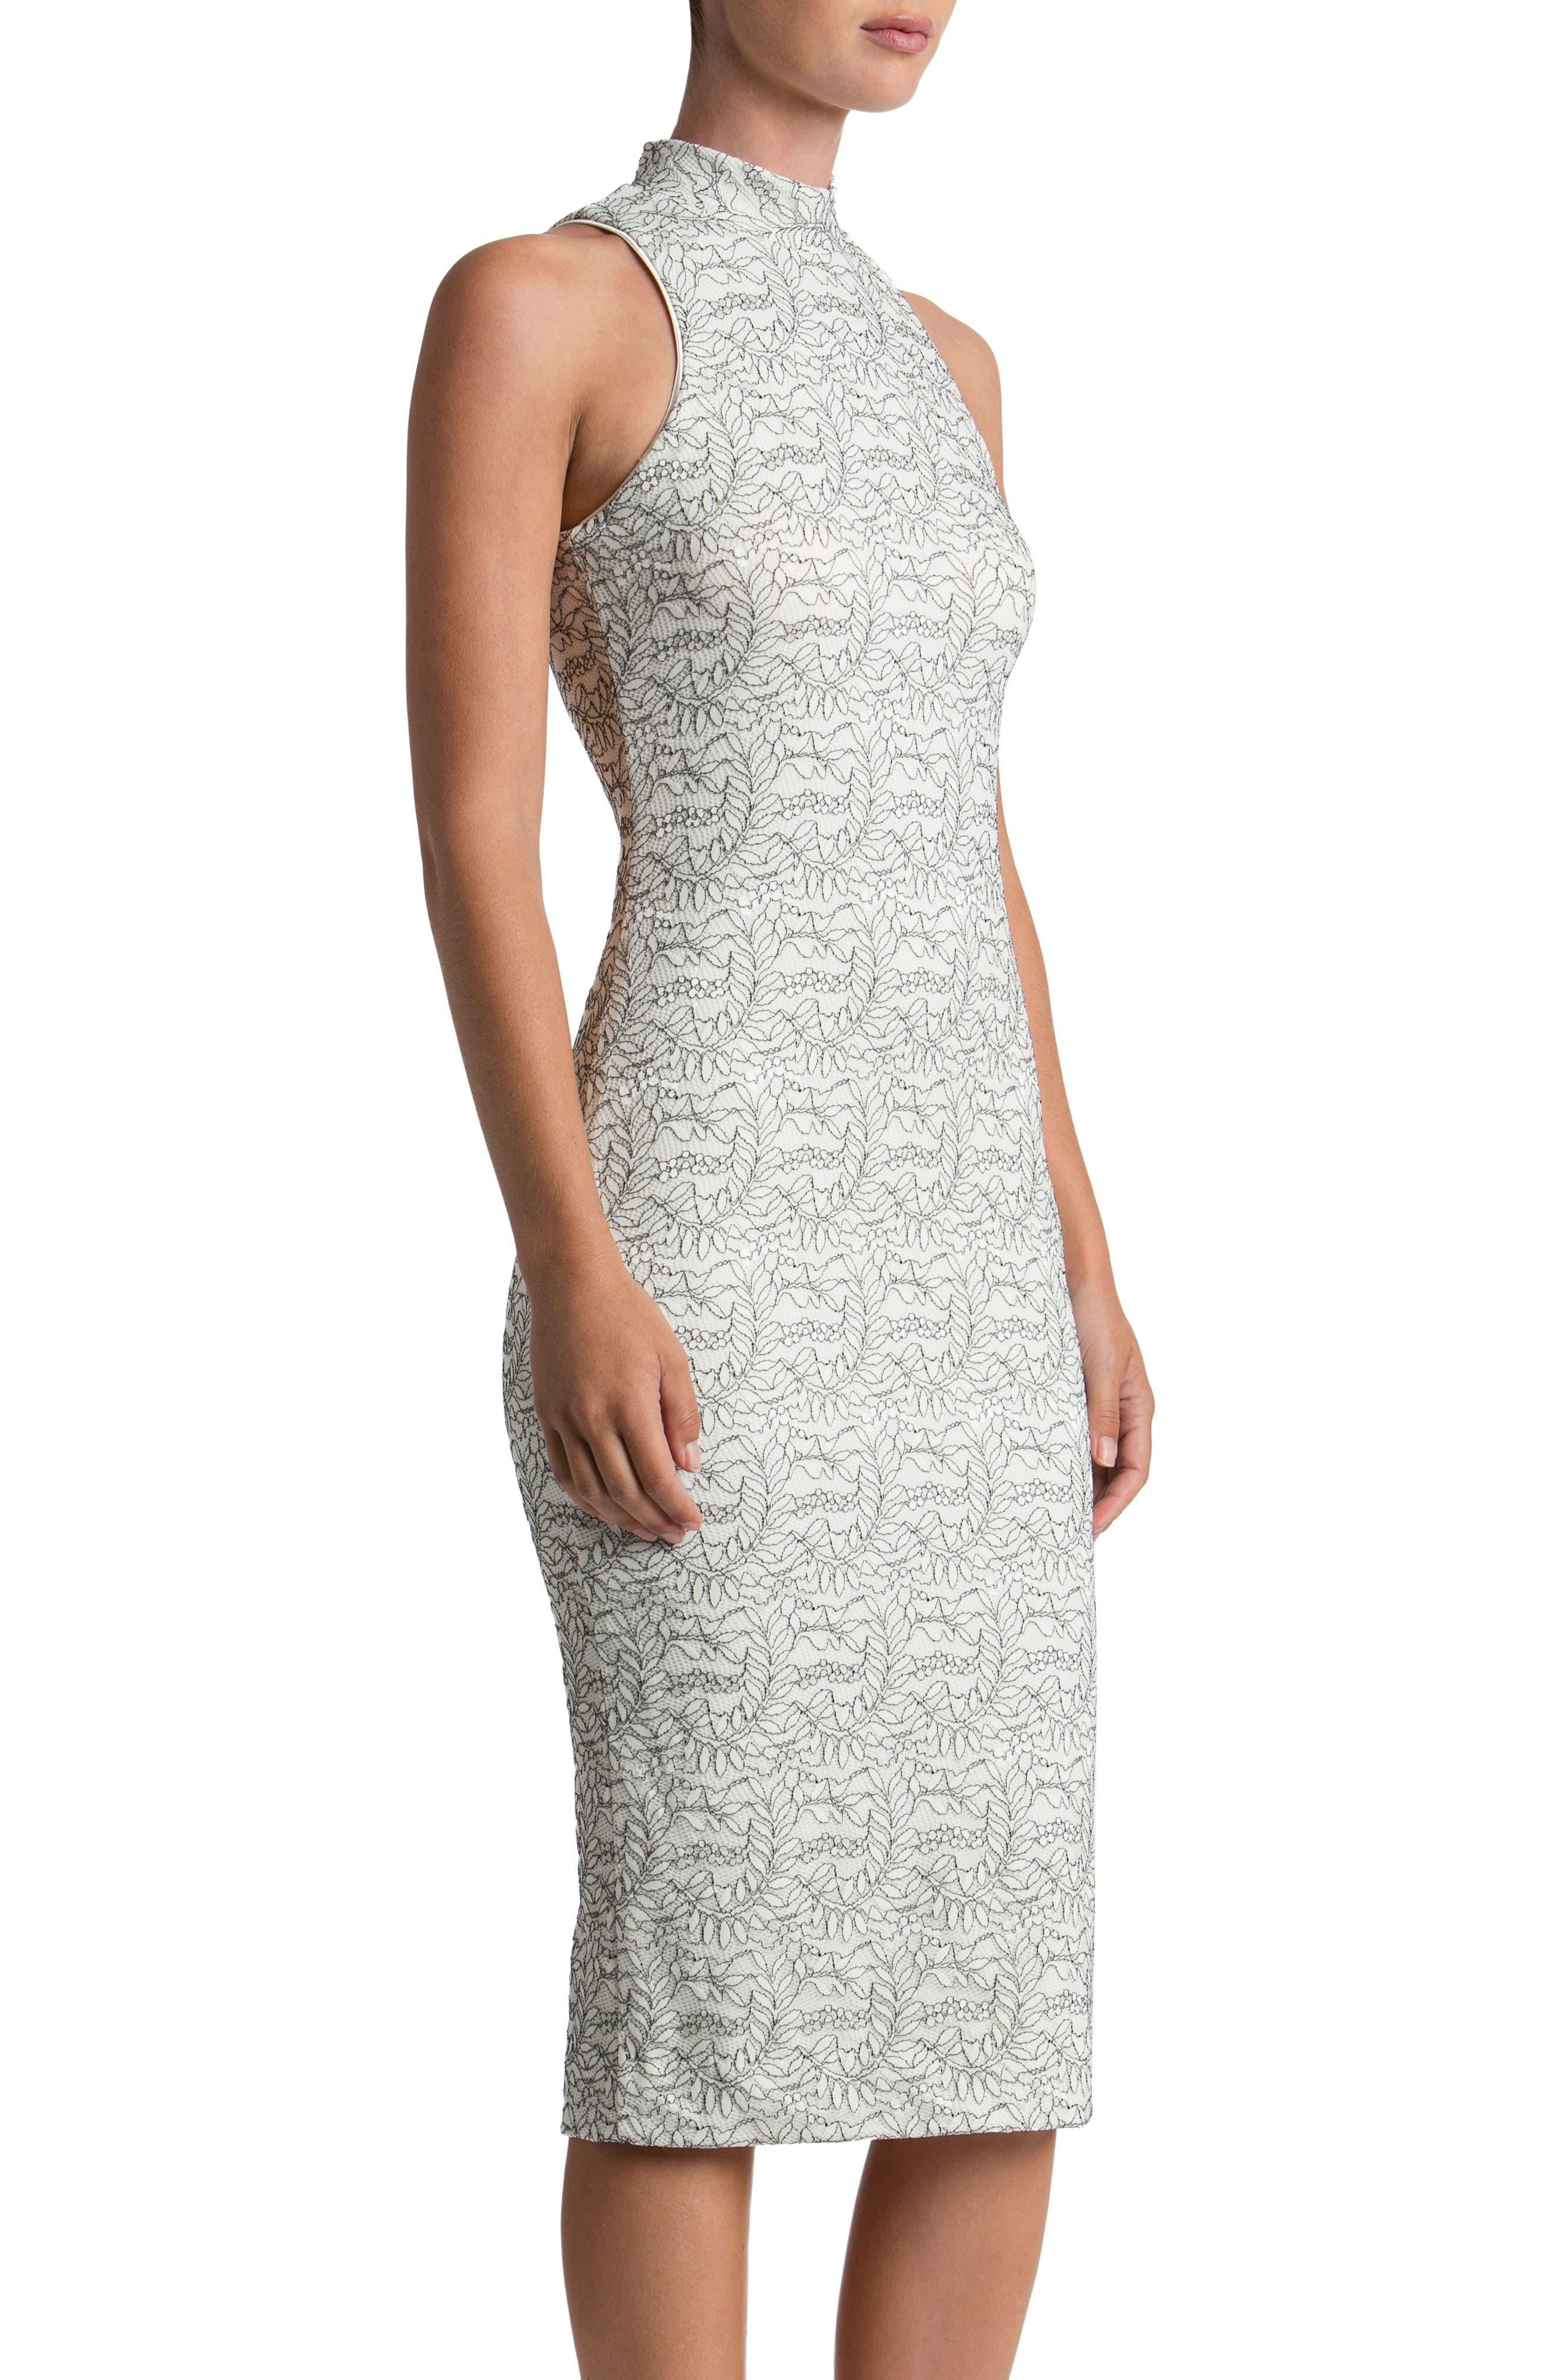 Norah Lace Midi Dress,                             Alternate thumbnail 3, color,                             Off White/ Black